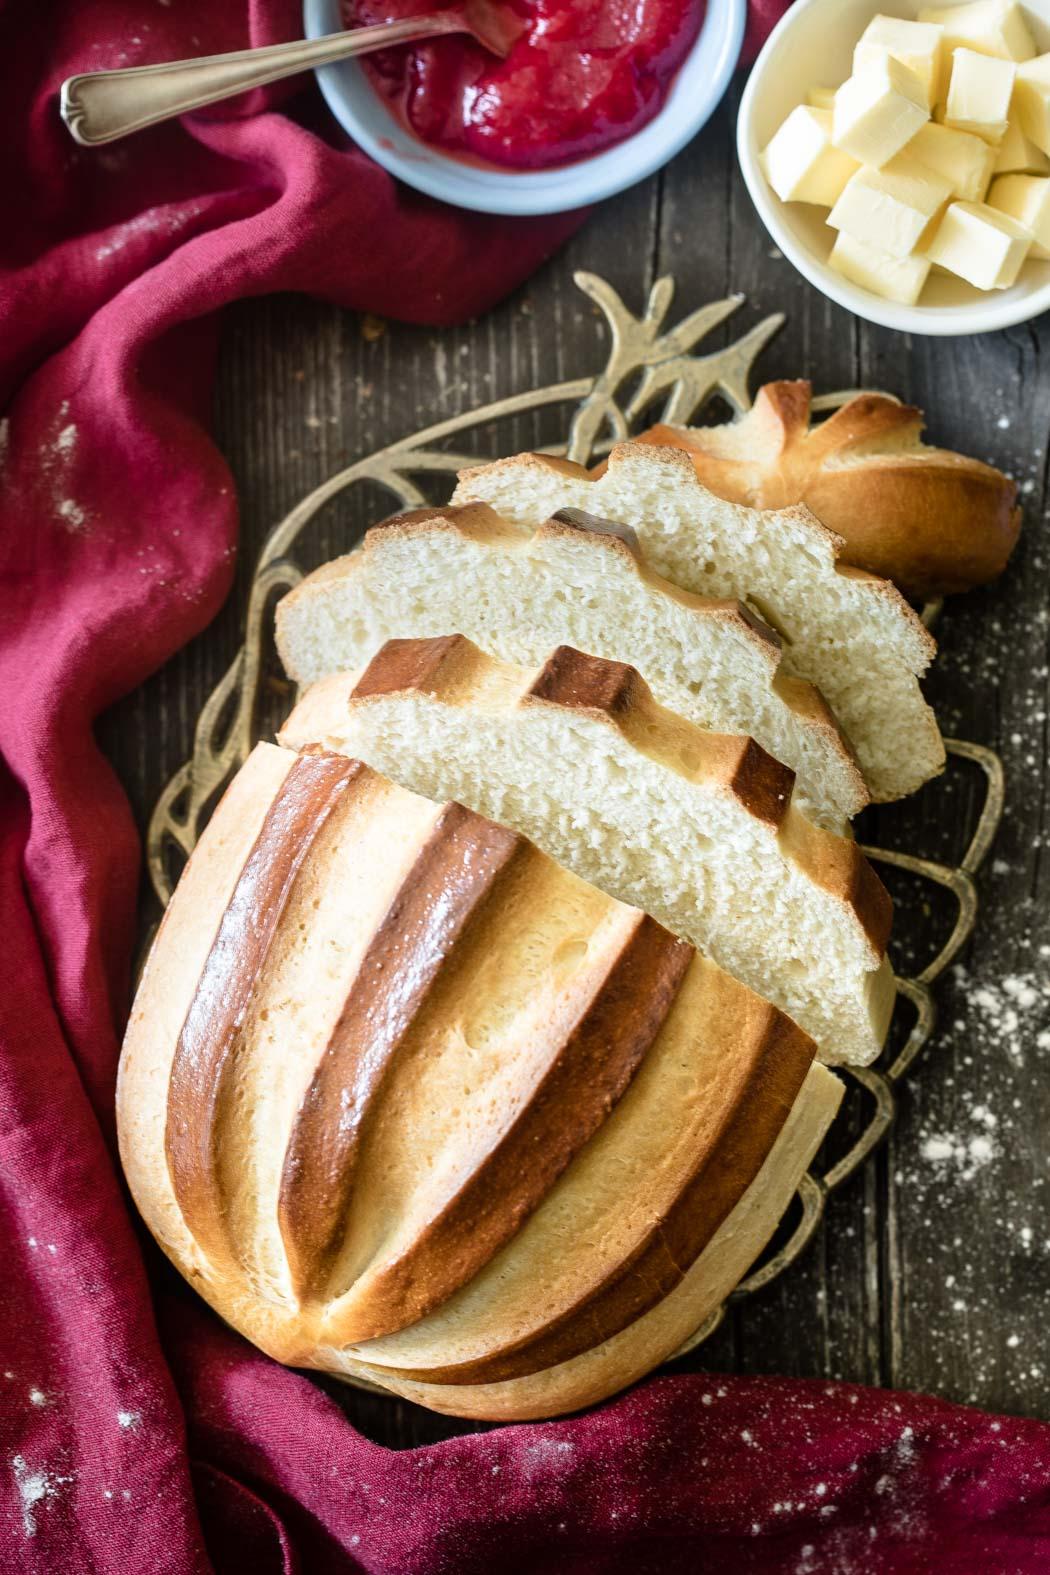 Das Pain Brié ist eine feine französische Brotspezialität